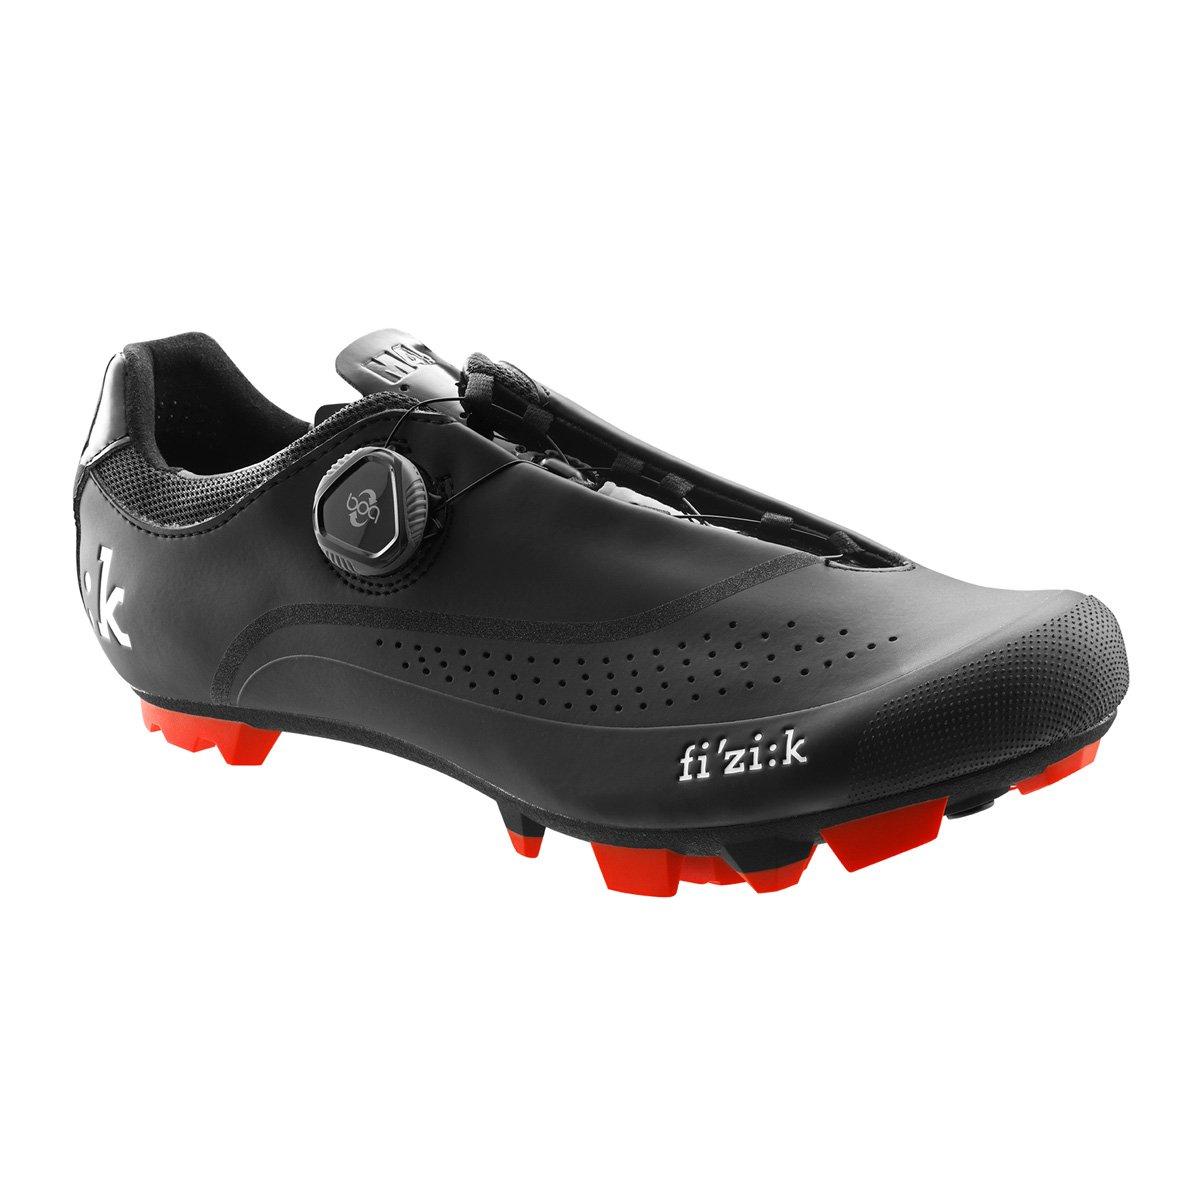 Fizik Men's M4B Uomo Boa Mountain Bike Shoes - Black/Black with Red Trim B01NBF8ZSL 46|Black-Red